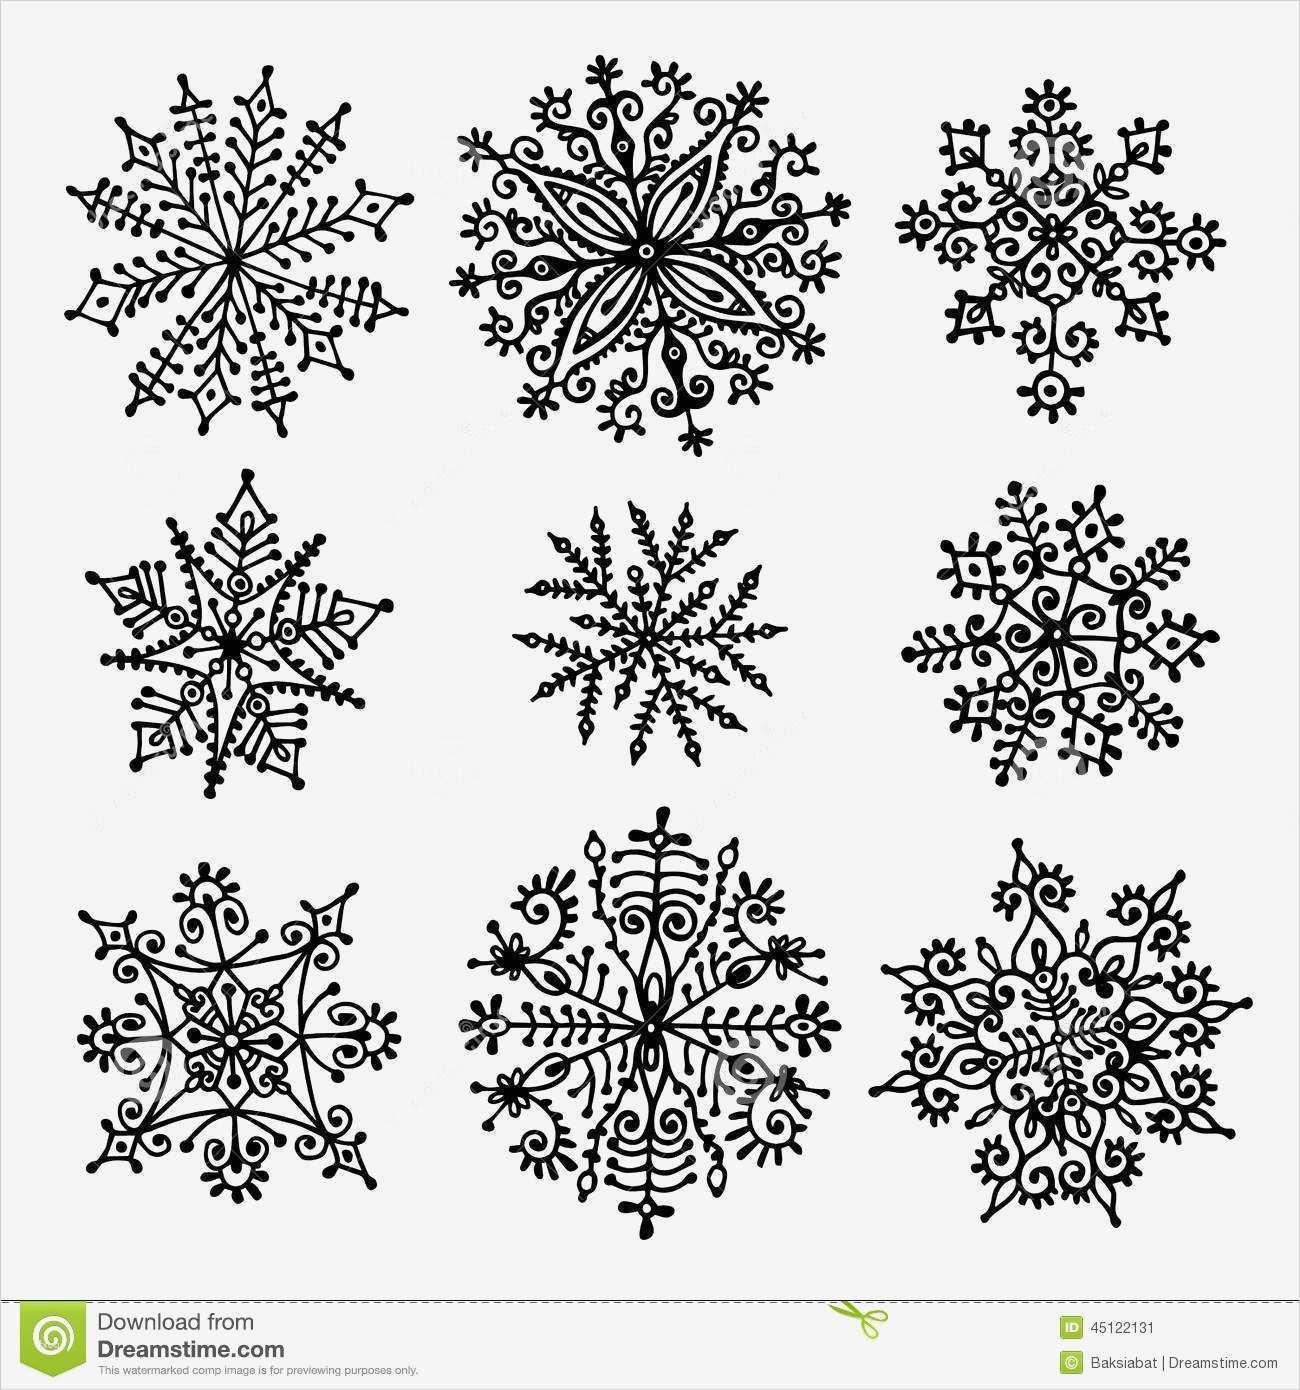 schneeflocken vorlagen zum ausschneiden gut hand